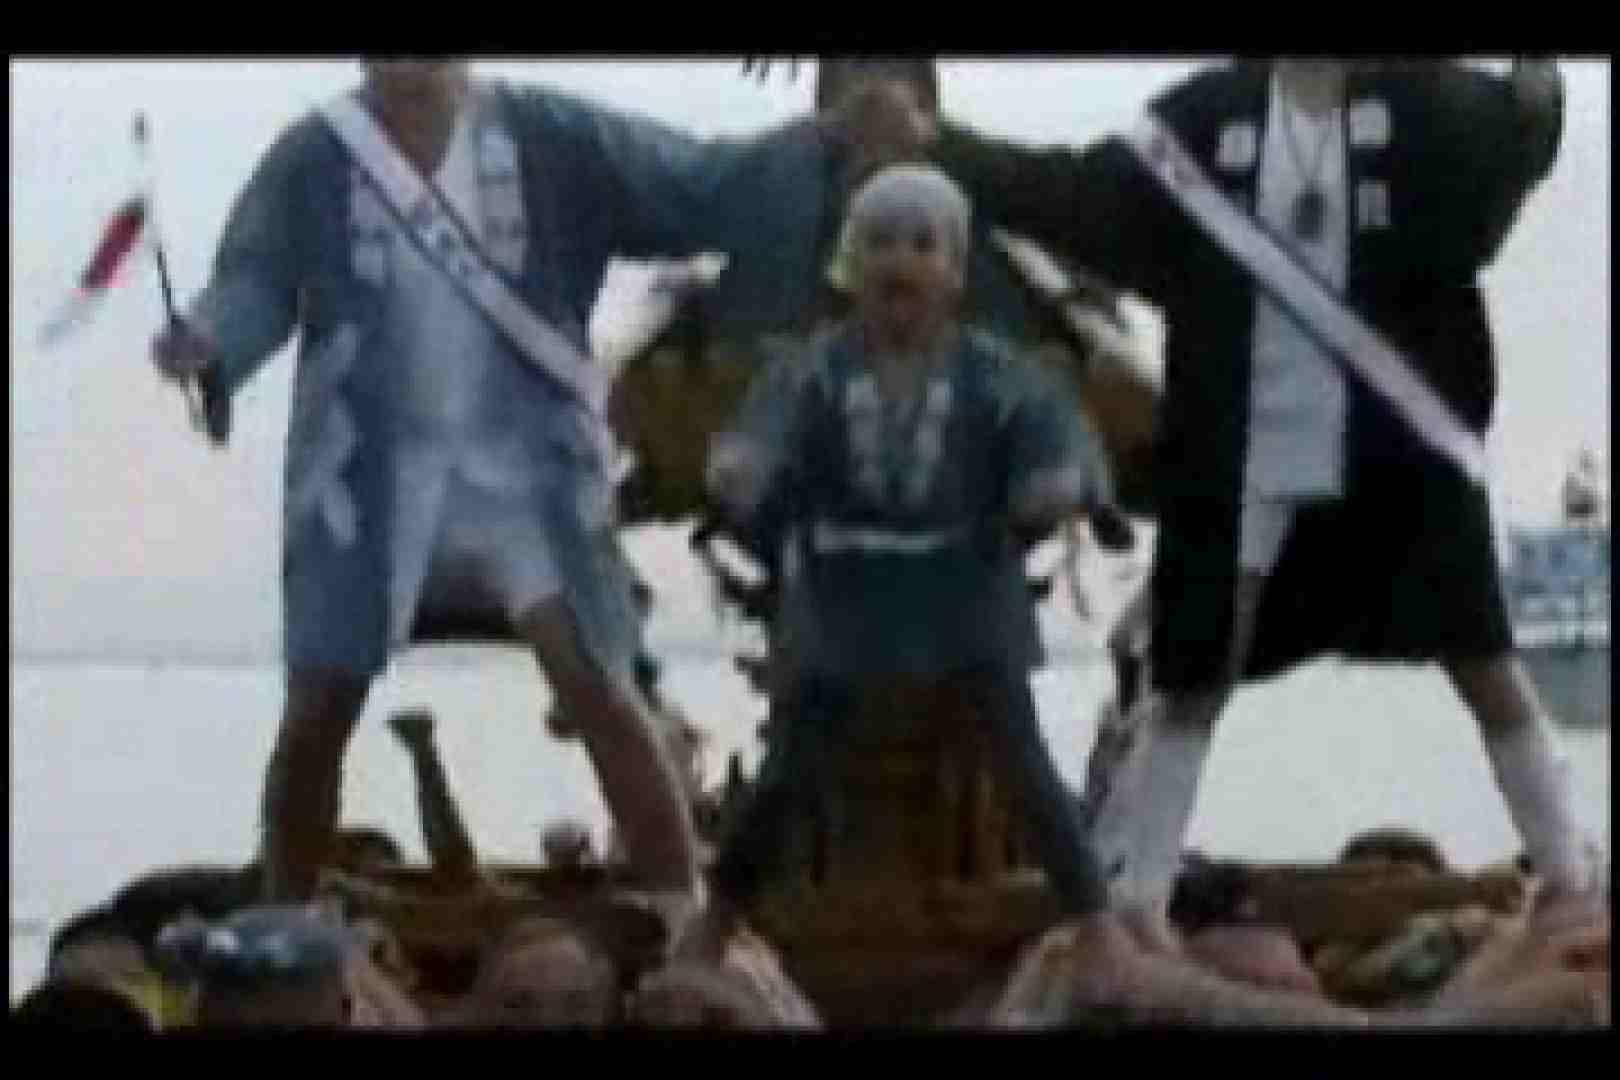 陰間茶屋 男児祭り VOL.2 ペニス動画 ゲイエロ動画 88pic 39